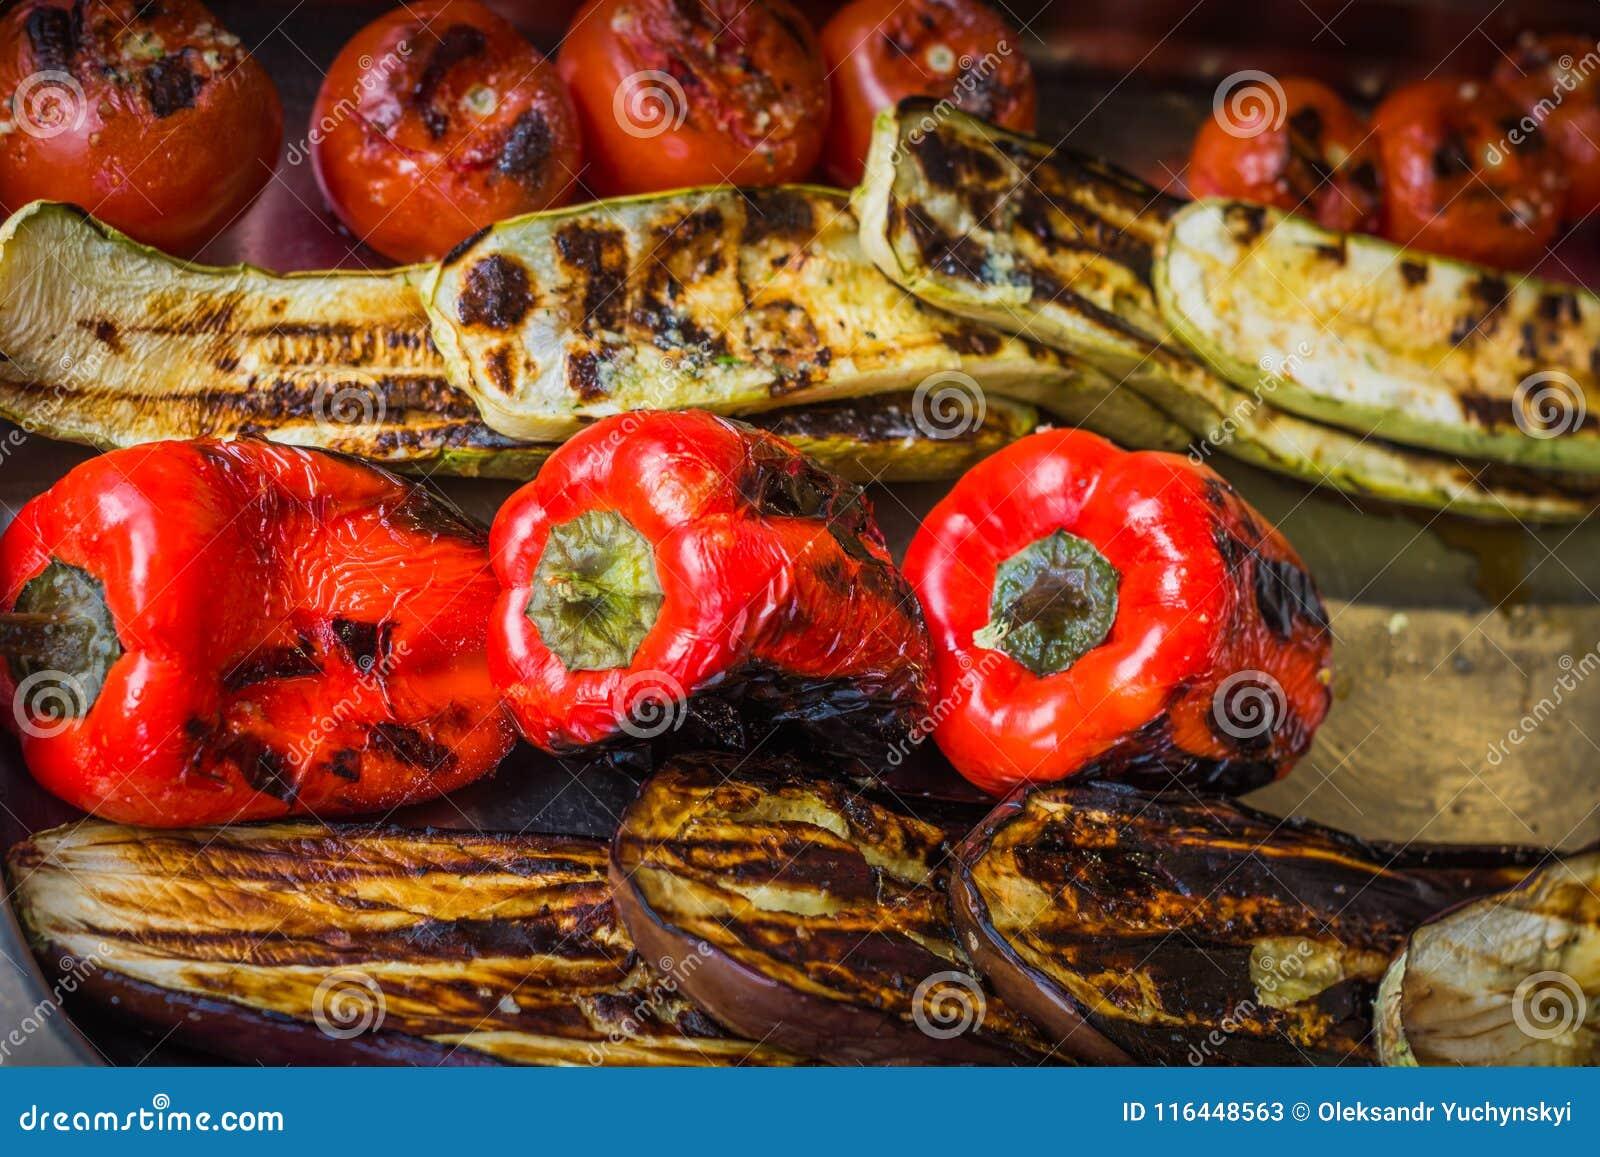 Pimientas, berenjenas, tomates y calabacín asados y quemados levemente